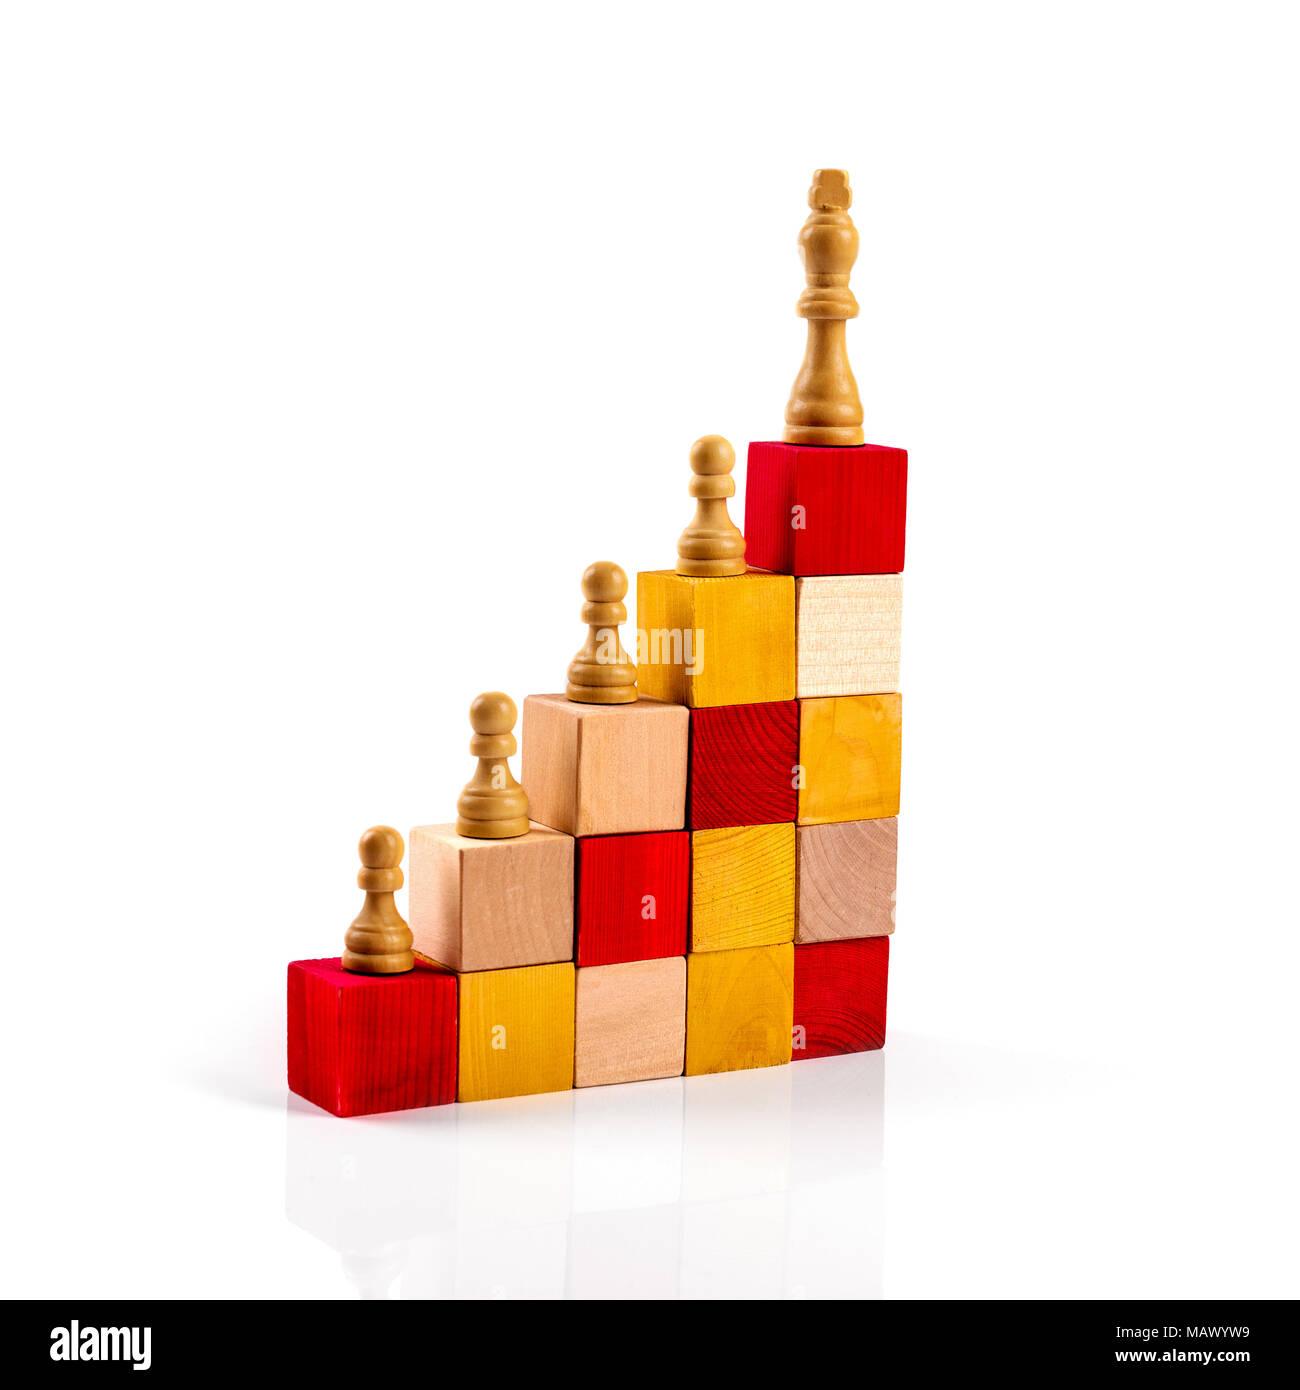 Karriereleiter Konzept. Schachfiguren auf Holzklötze Stockbild